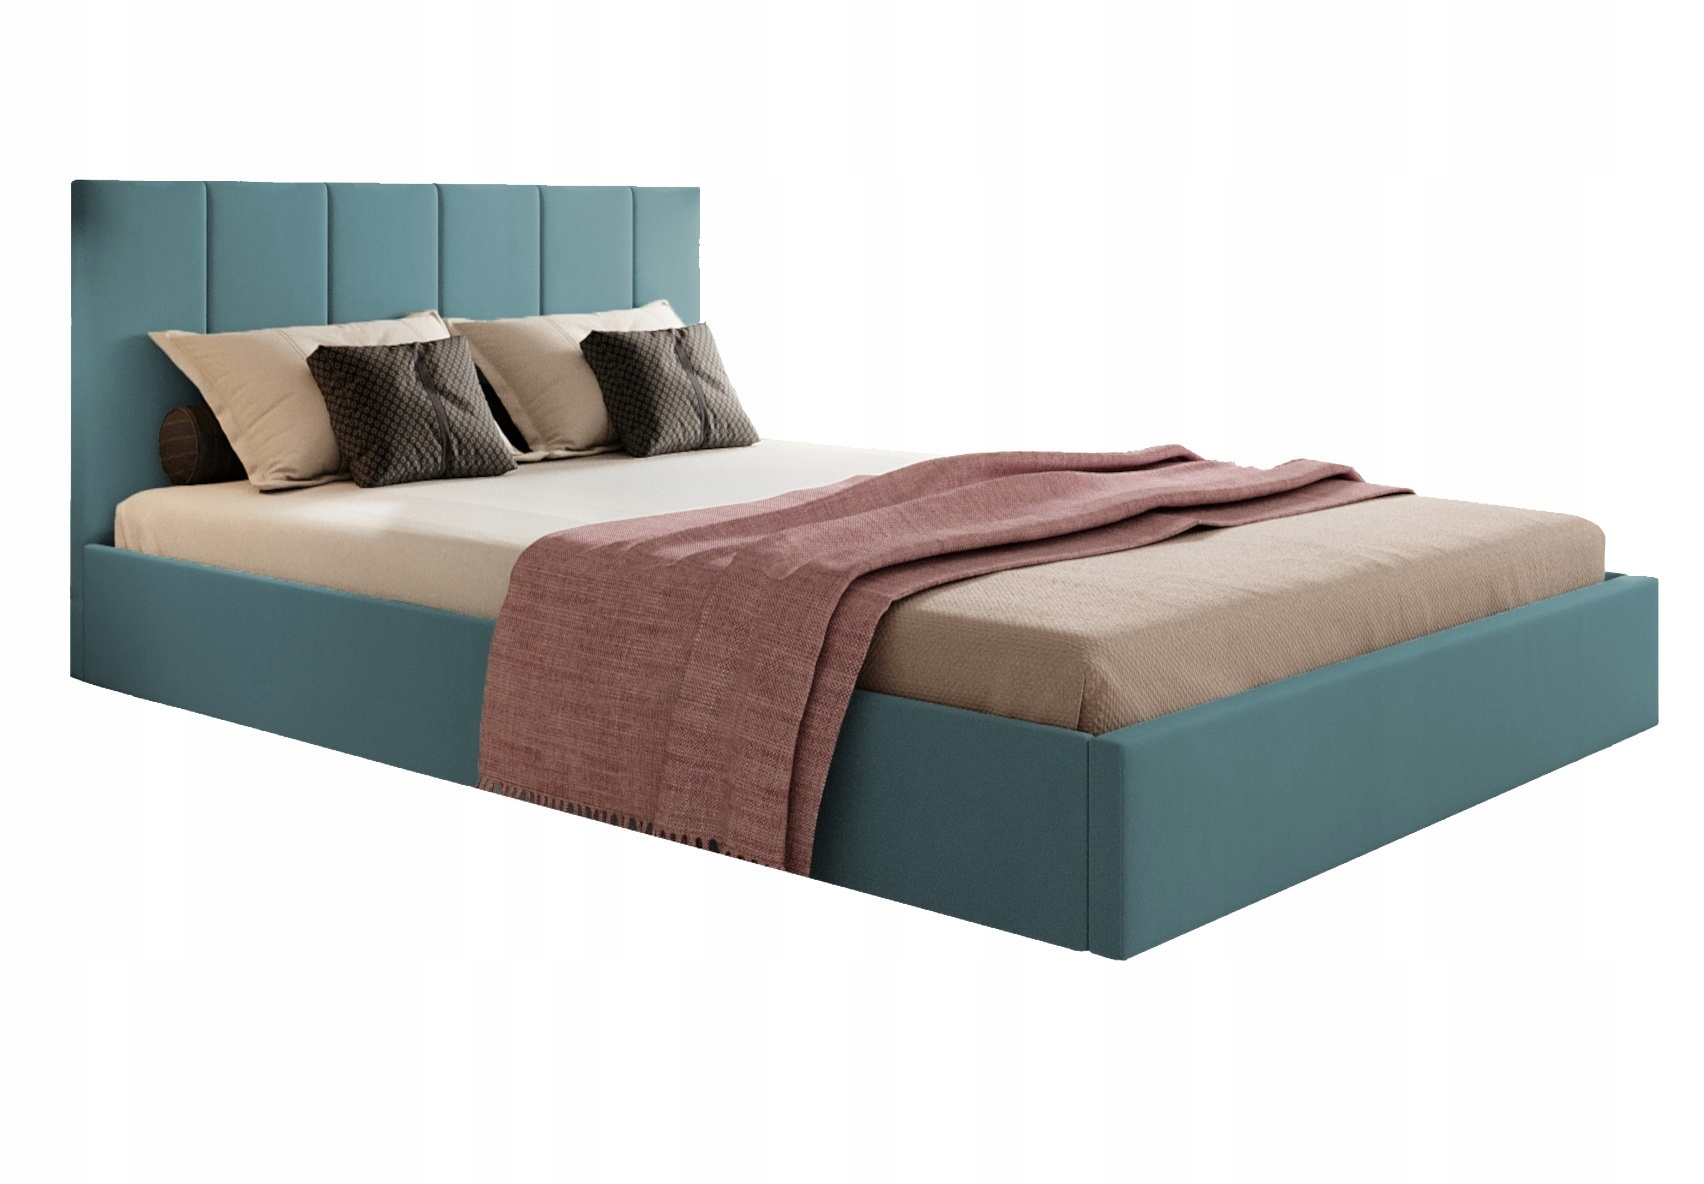 Кровать мягкая 160х200 с ящиком и каркасом